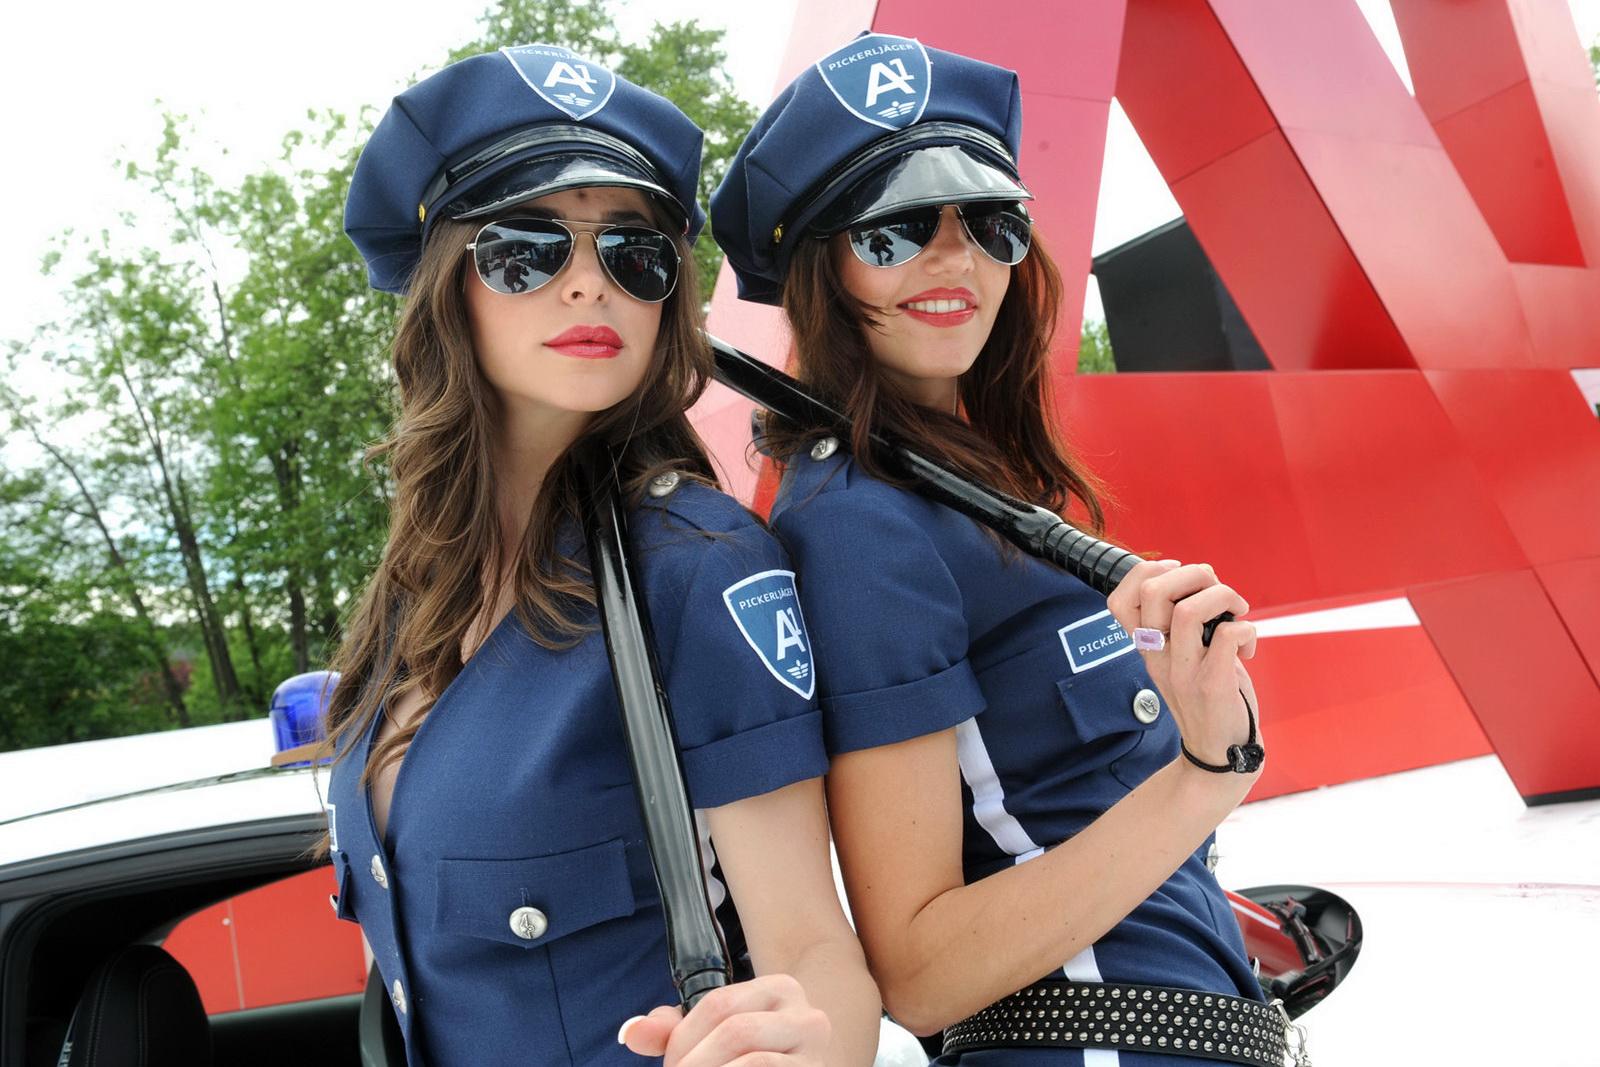 Фото симпатичных девушек в погонах 19 фотография